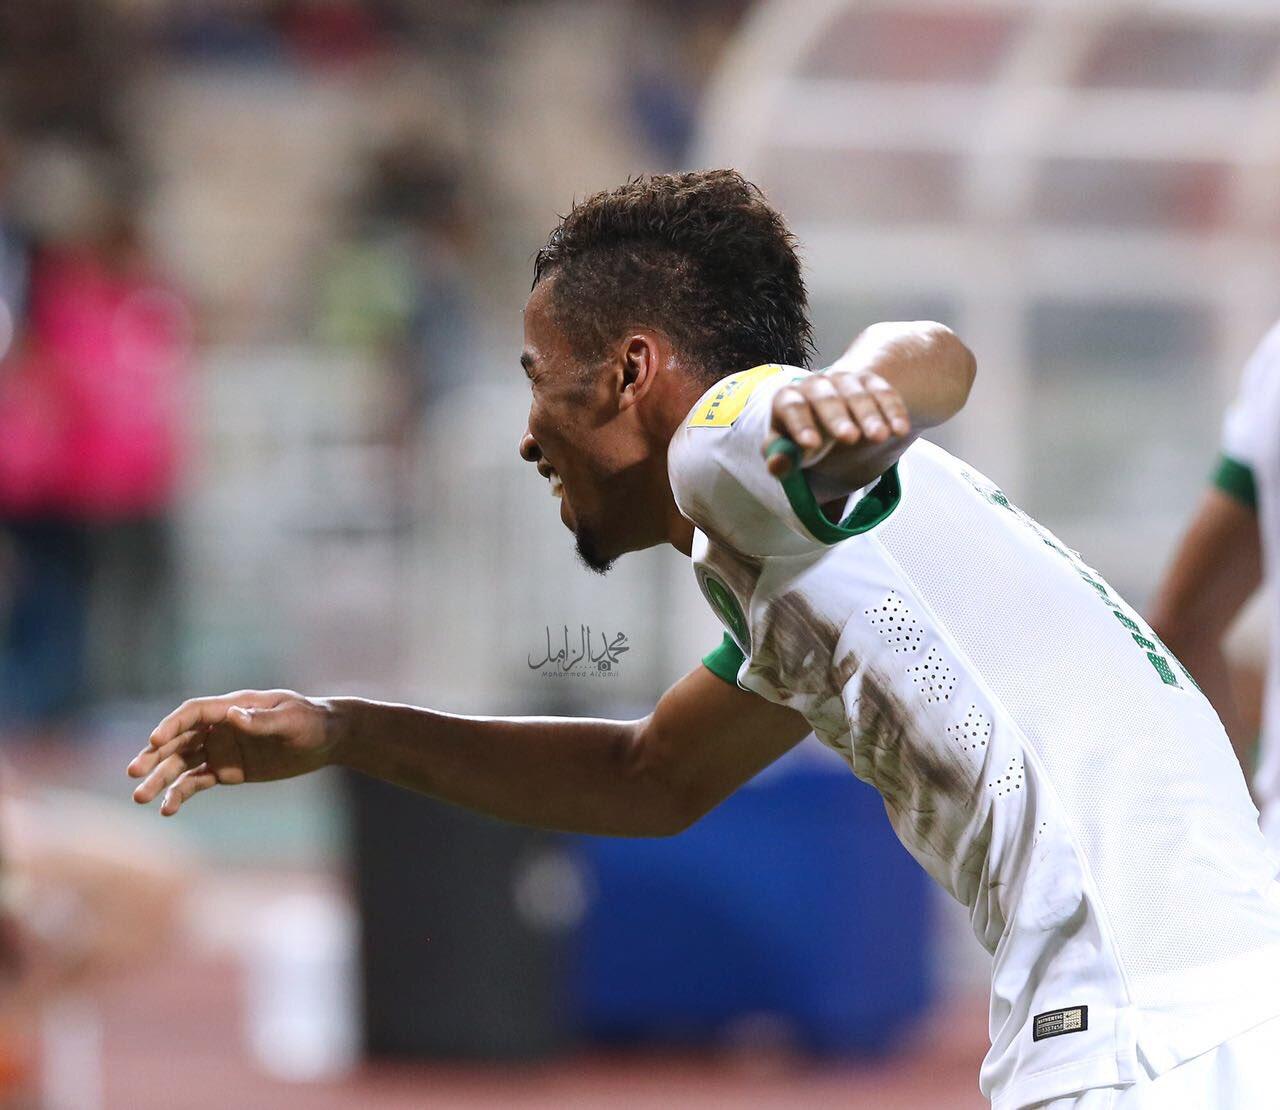 احتفال لاعبي السعودية بعد الفوز على تايلاند